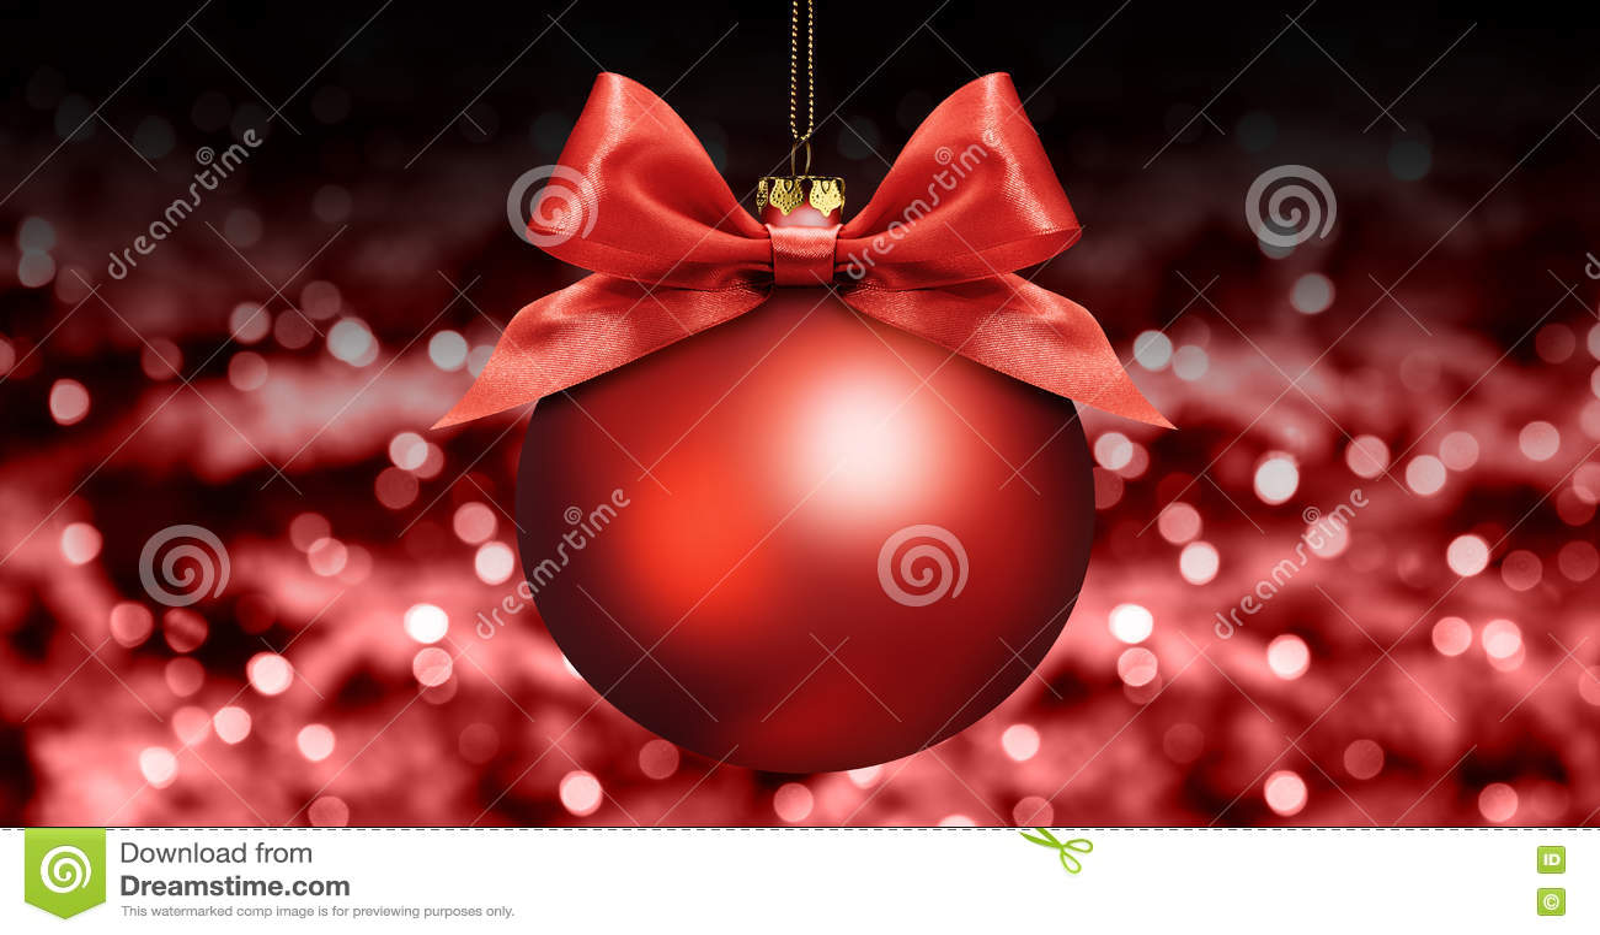 Σφαίρα Χριστουγέννων με το κόκκινο τόξο κορδελλών σατέν στα κόκκινα θολωμένα φω τα β